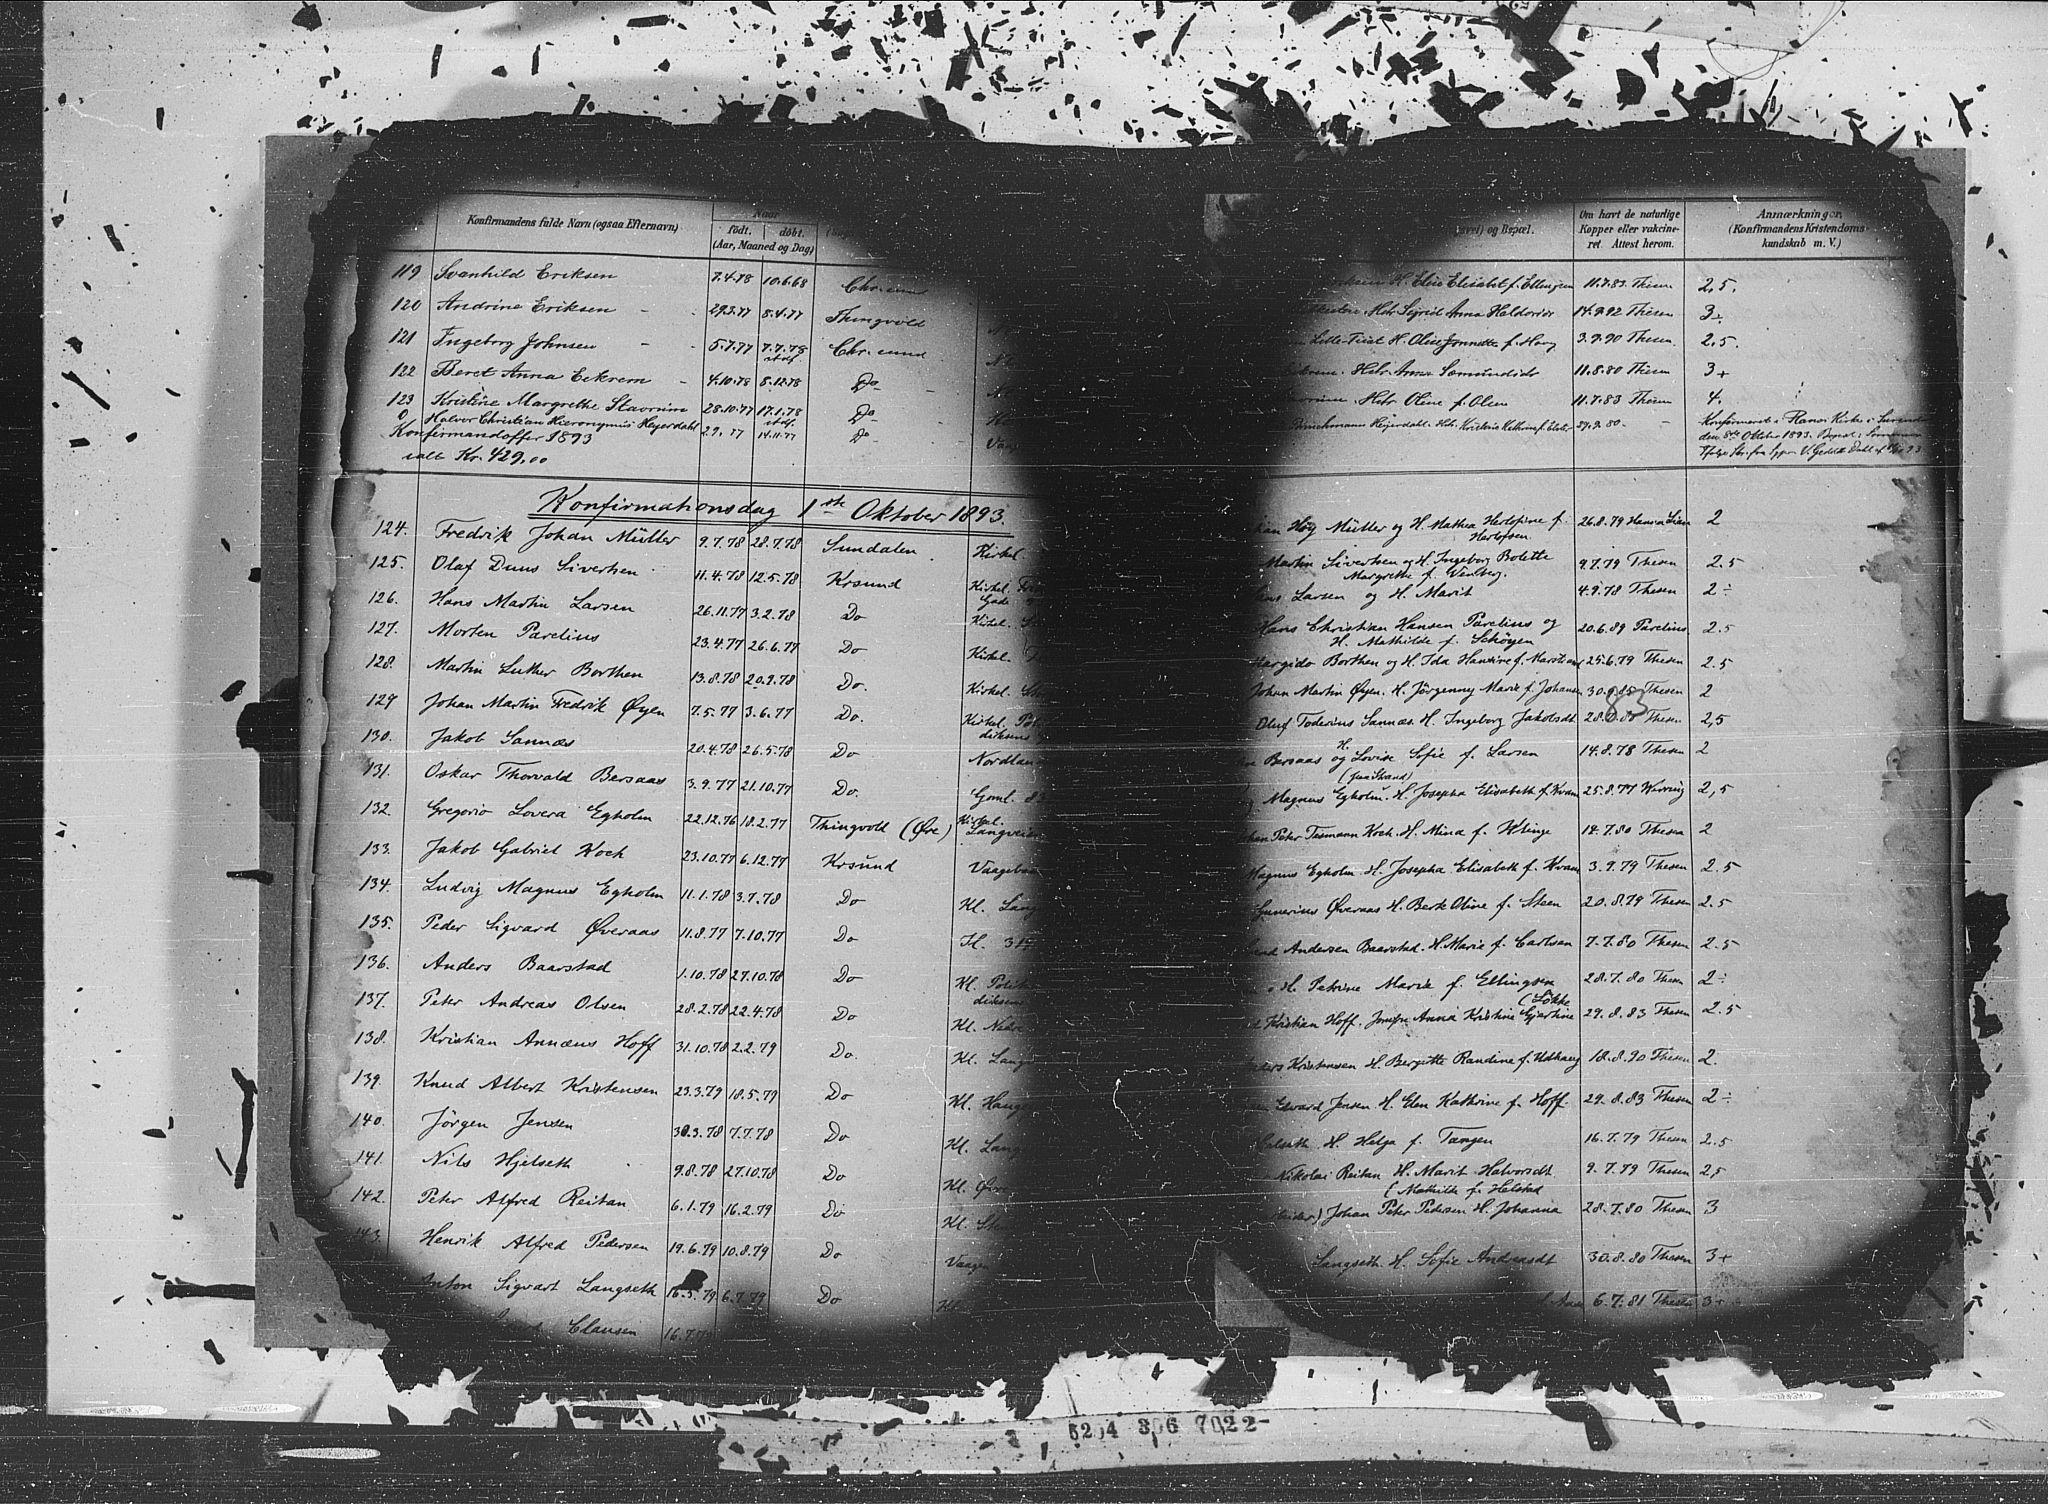 SAT, Ministerialprotokoller, klokkerbøker og fødselsregistre - Møre og Romsdal, 572/L0852: Ministerialbok nr. 572A15, 1880-1900, s. 83